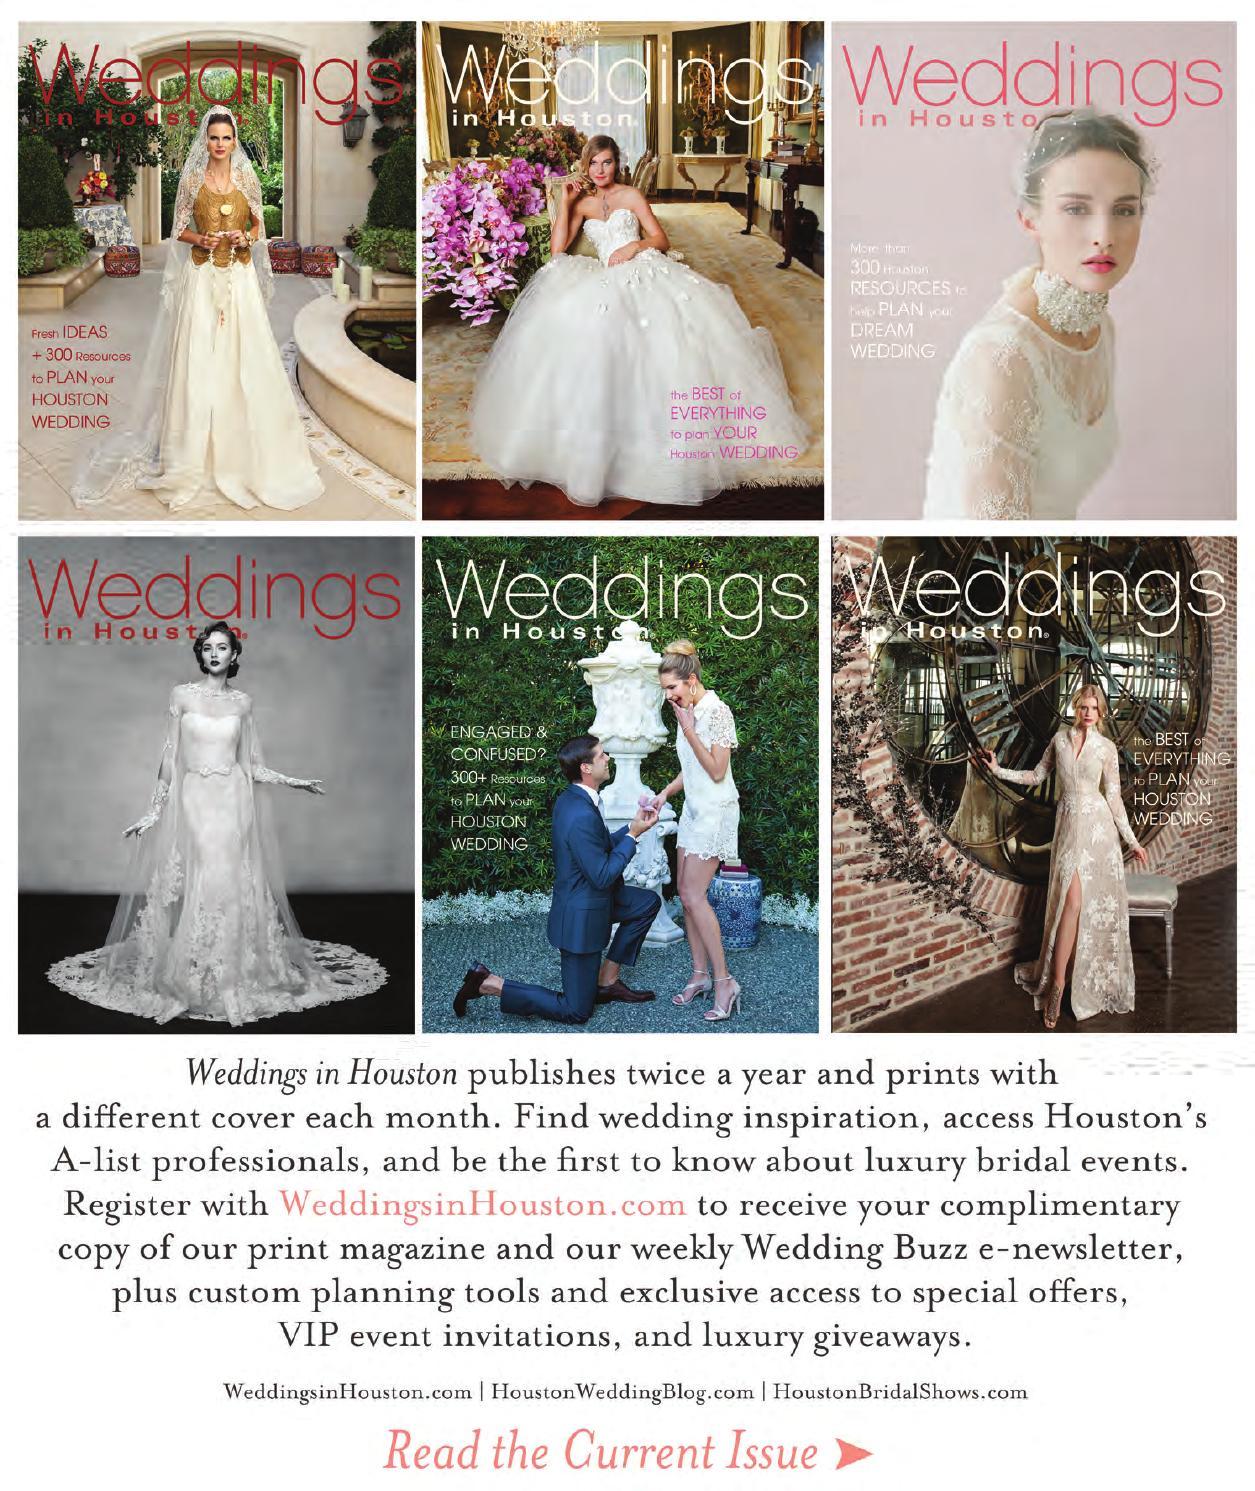 Weddings in Houston July 2015 Issue